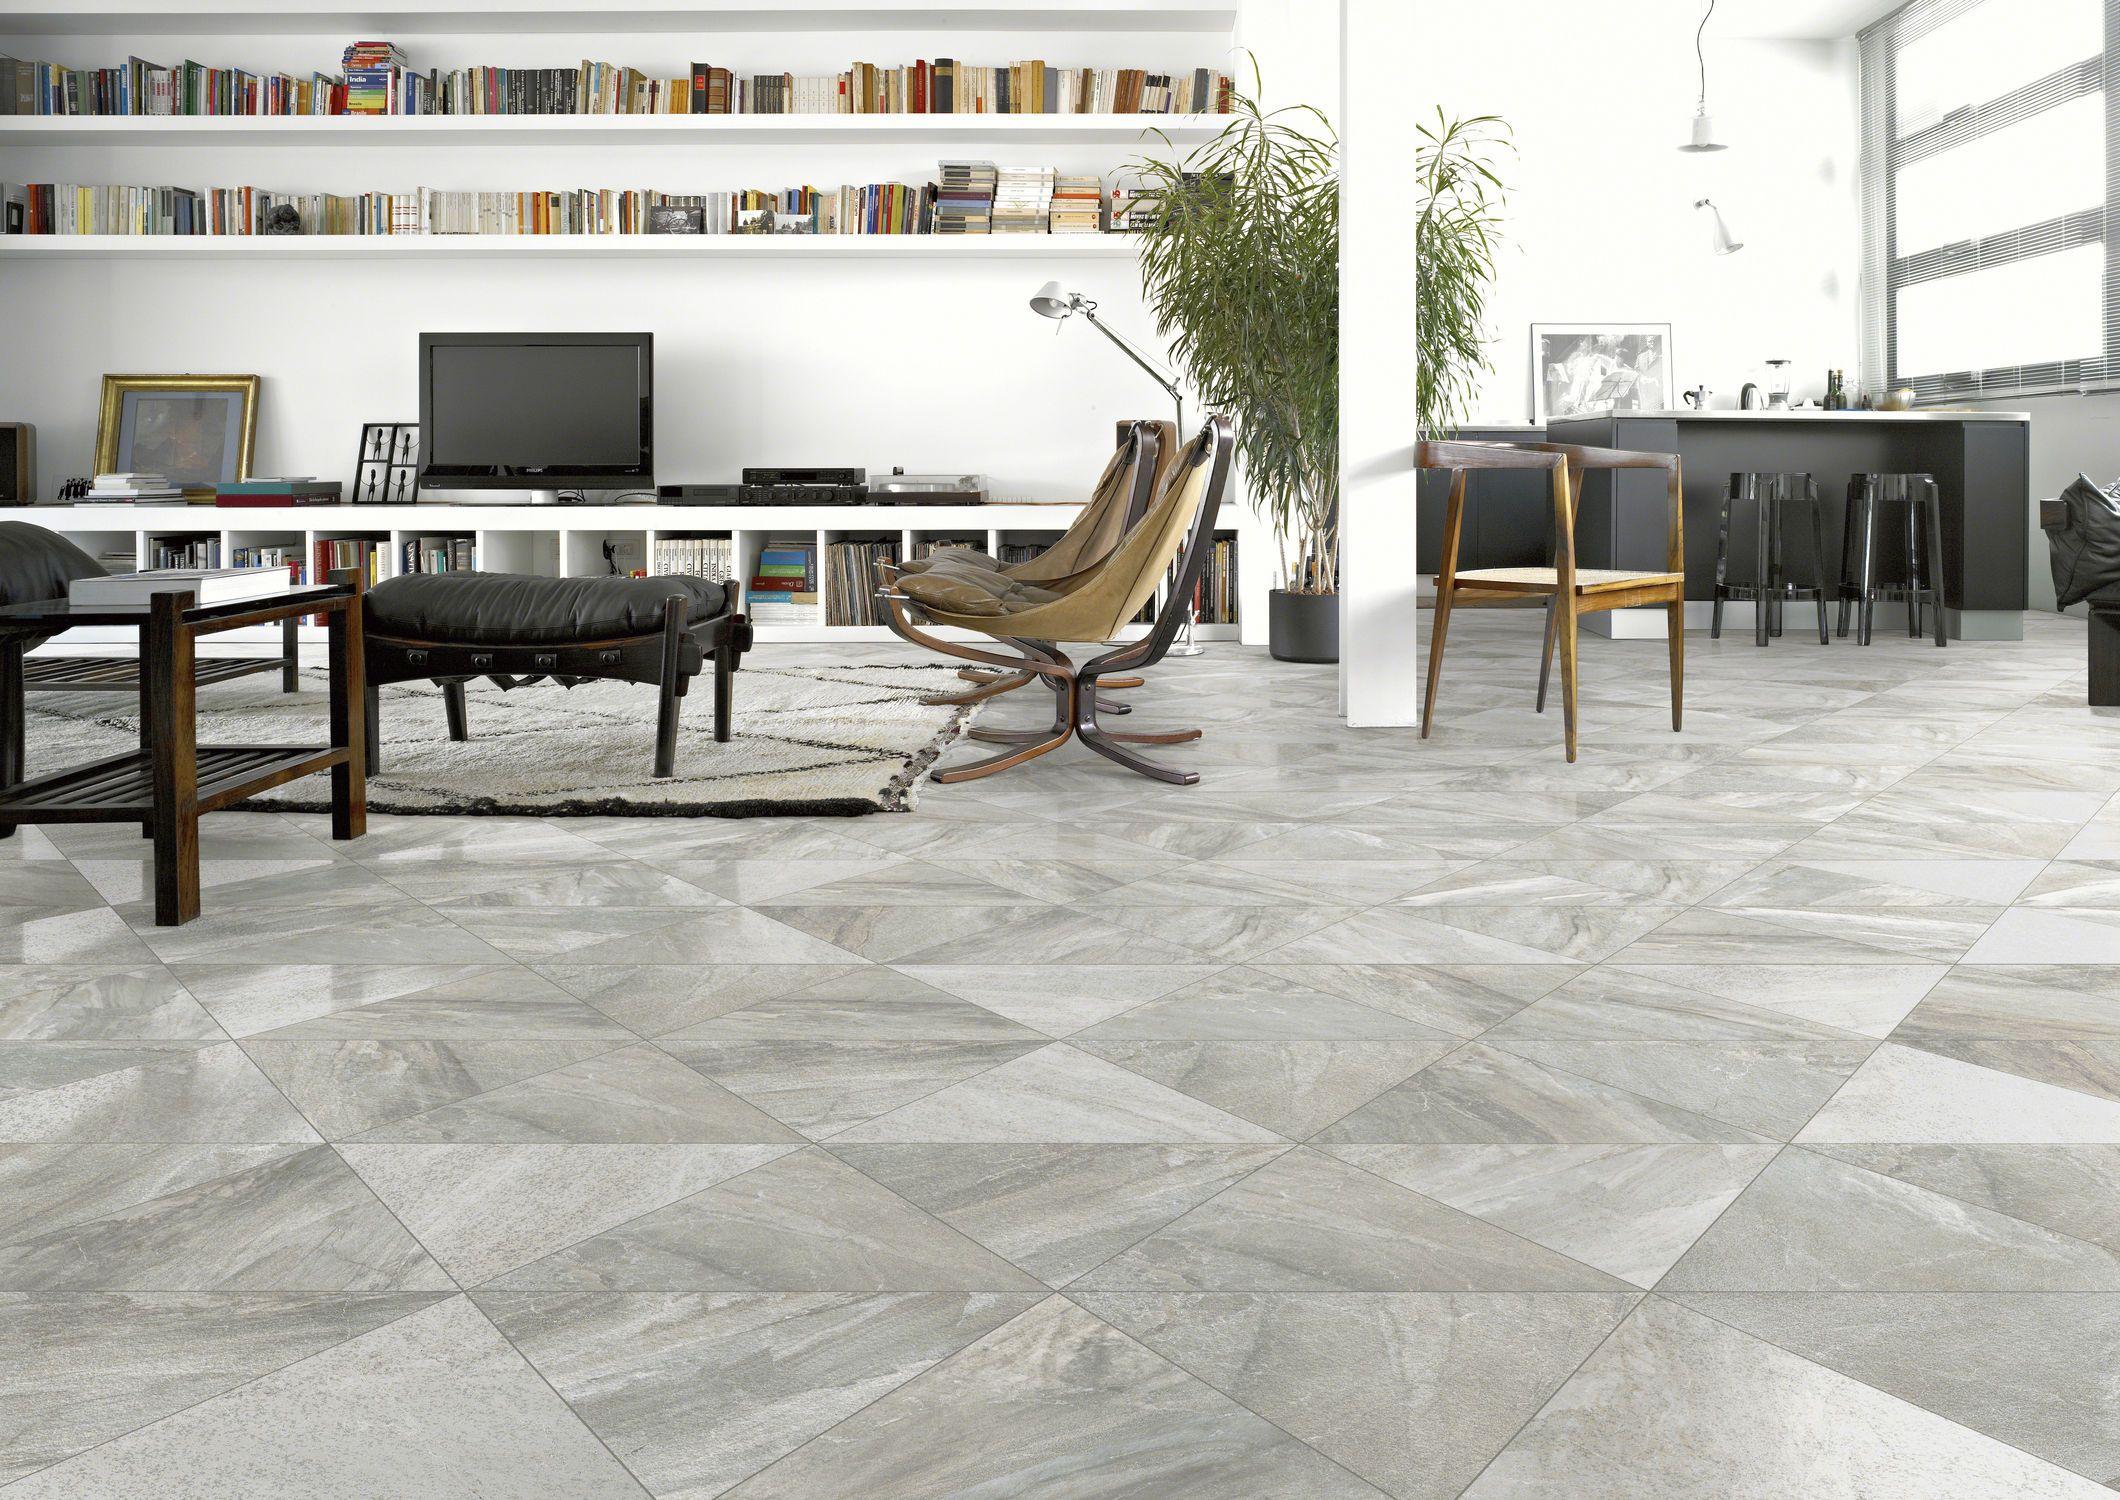 Gres para suelos interiores top interesting elegant suelos baratos interior porcelanico suelos - Suelos baratos interior ...